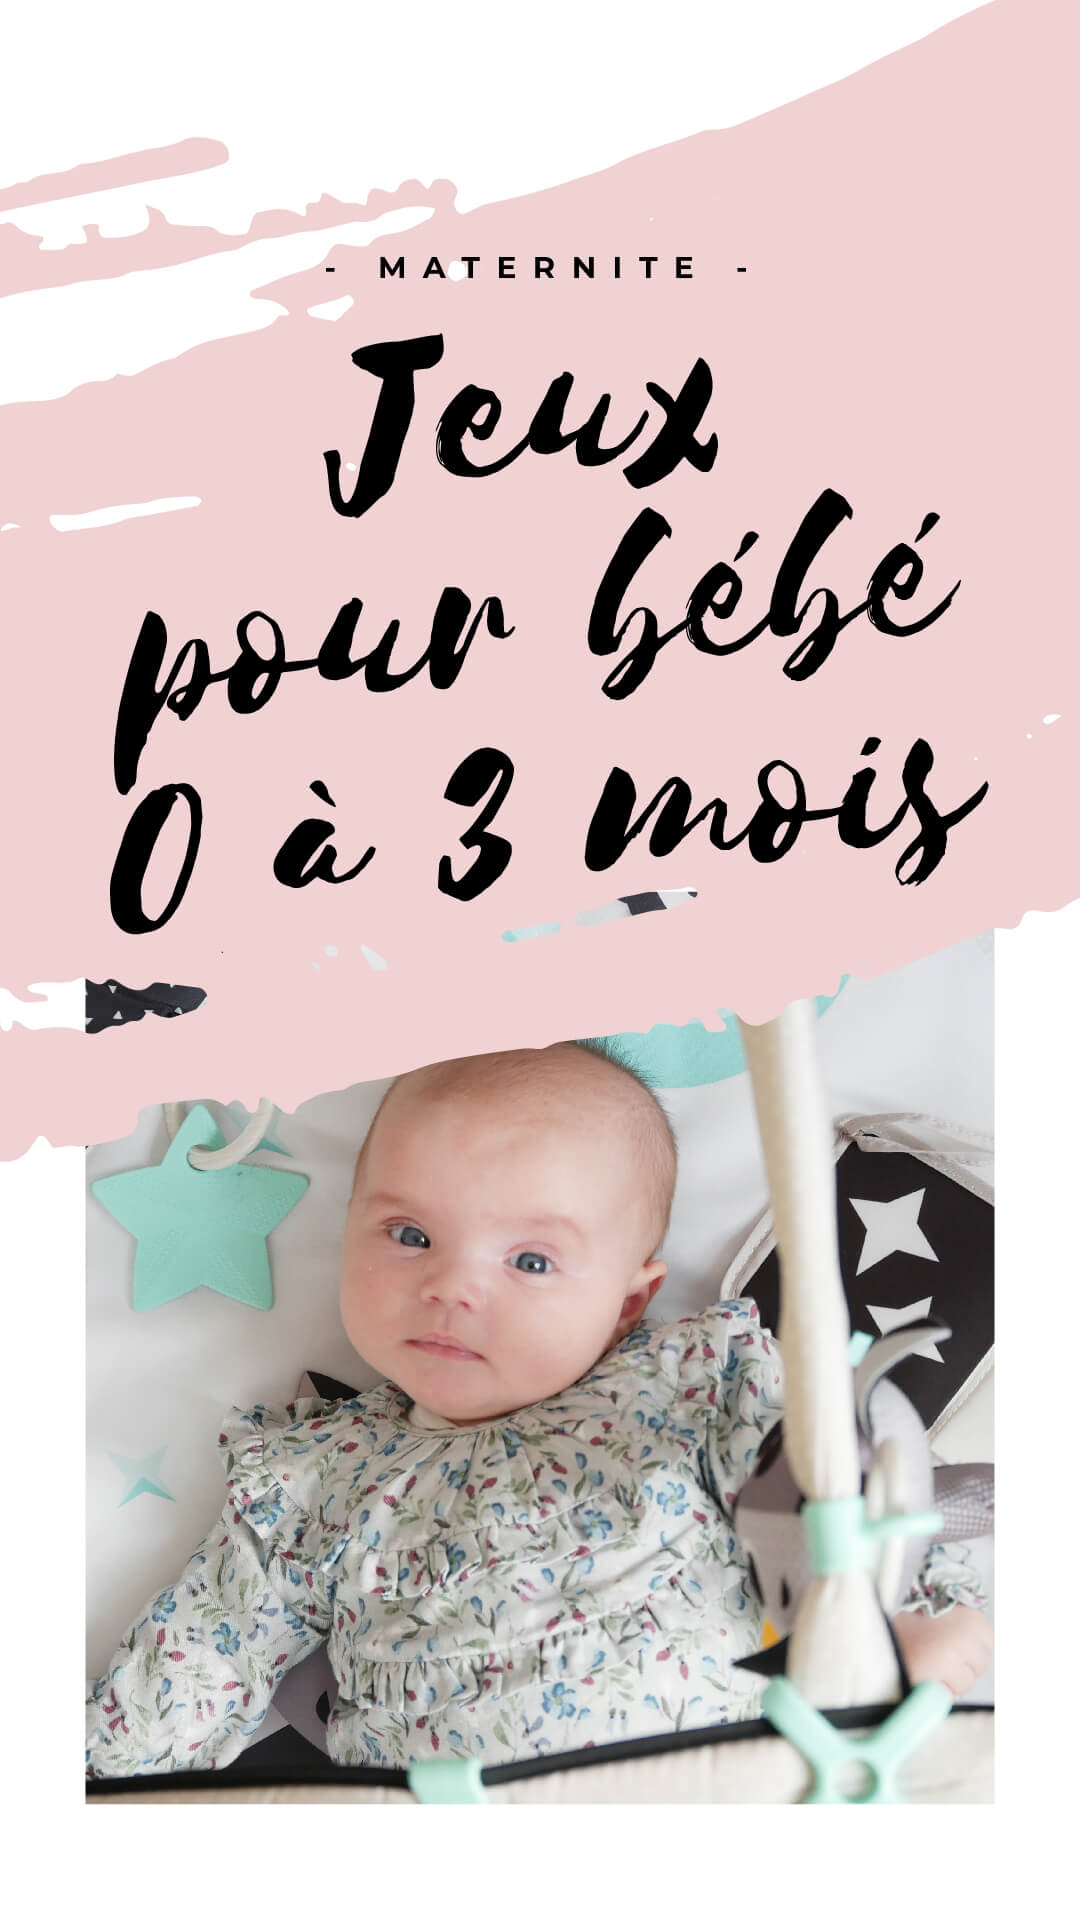 JEUX BEBE 0 A 3 MOIS-01